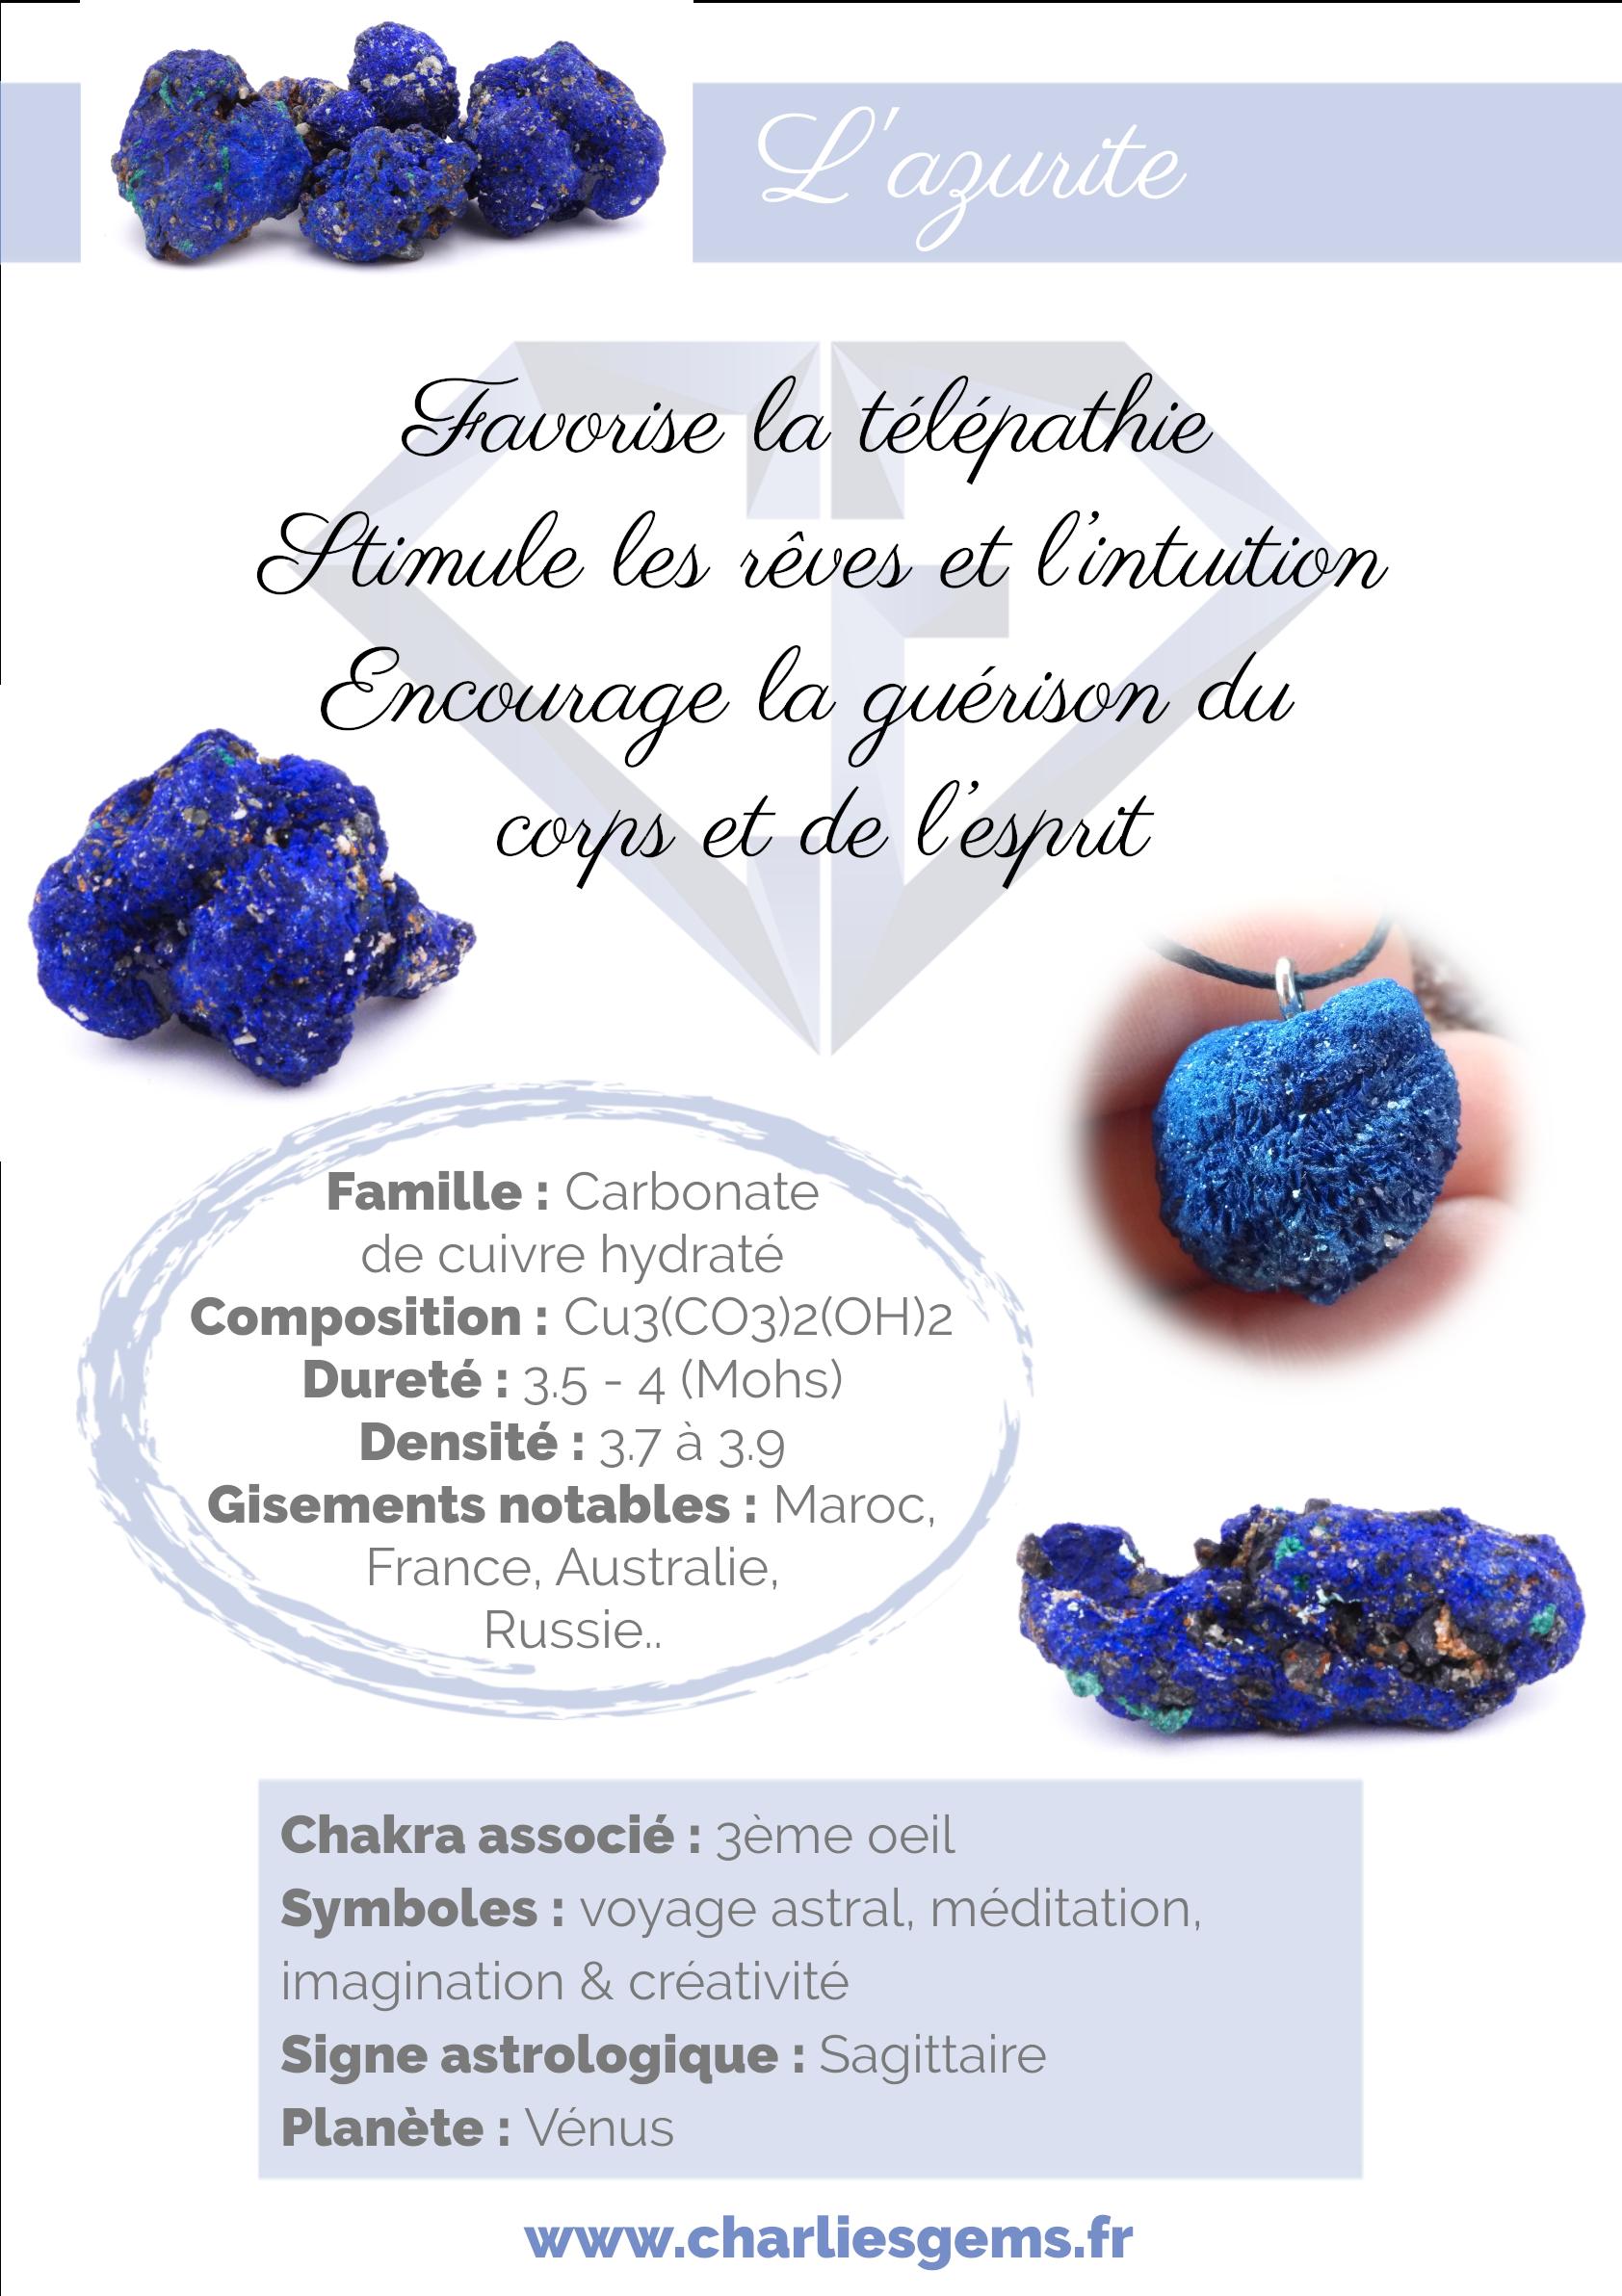 Fiche de présentation de l'Azurite (description, lithothérapie, propriétés) - Par Charlie's Gems